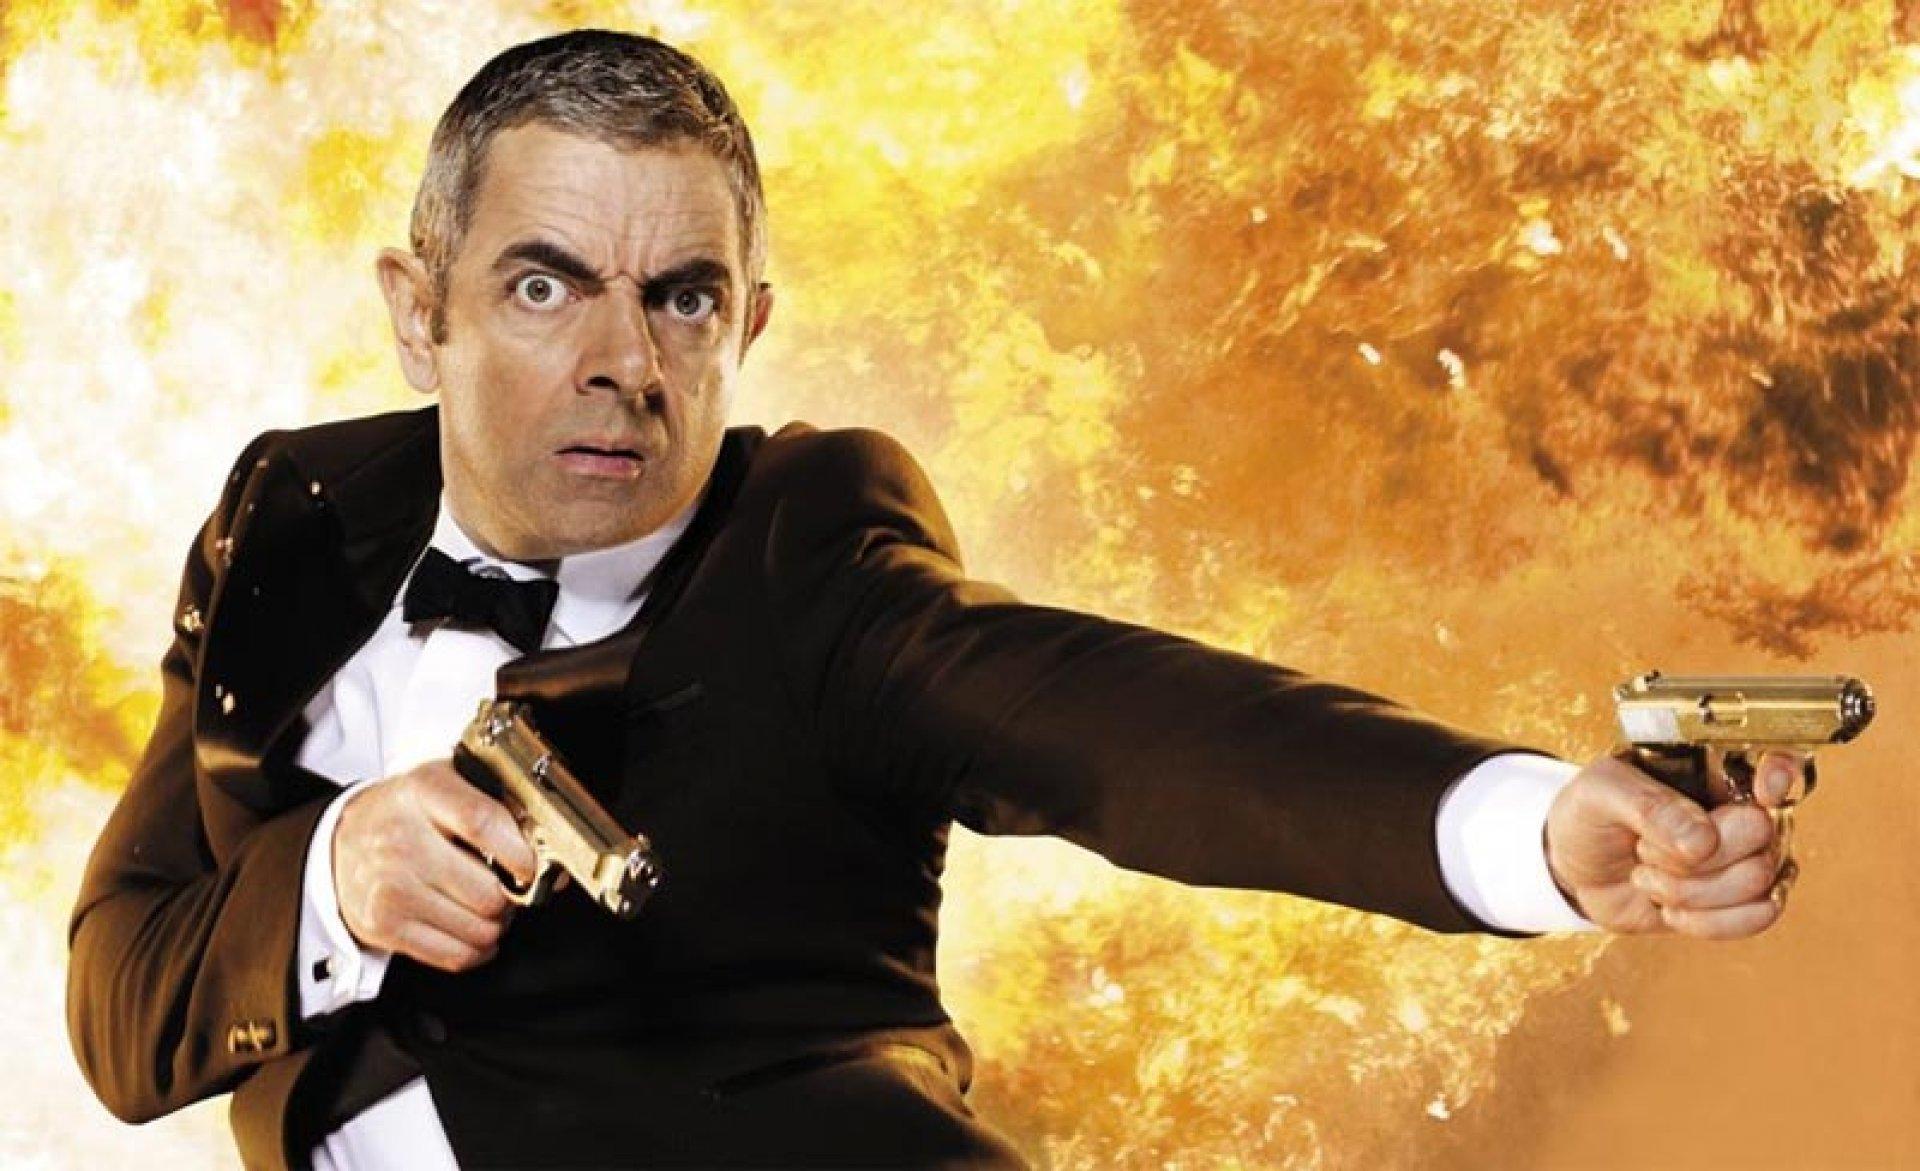 лакомство прикольные картинки 007 небольшие недостатки, мне